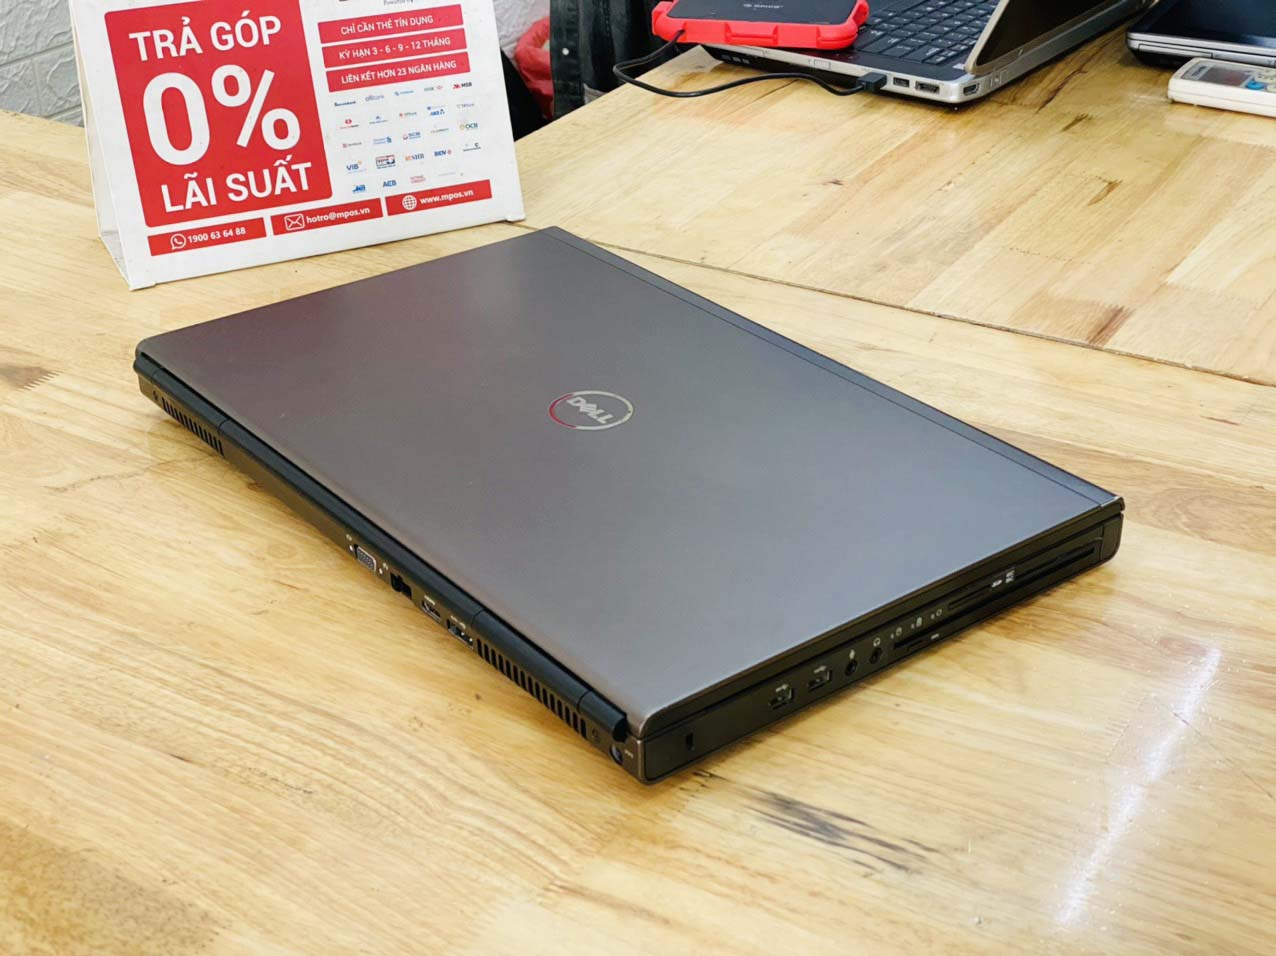 Dell Precision M6800 i7-4900MQ